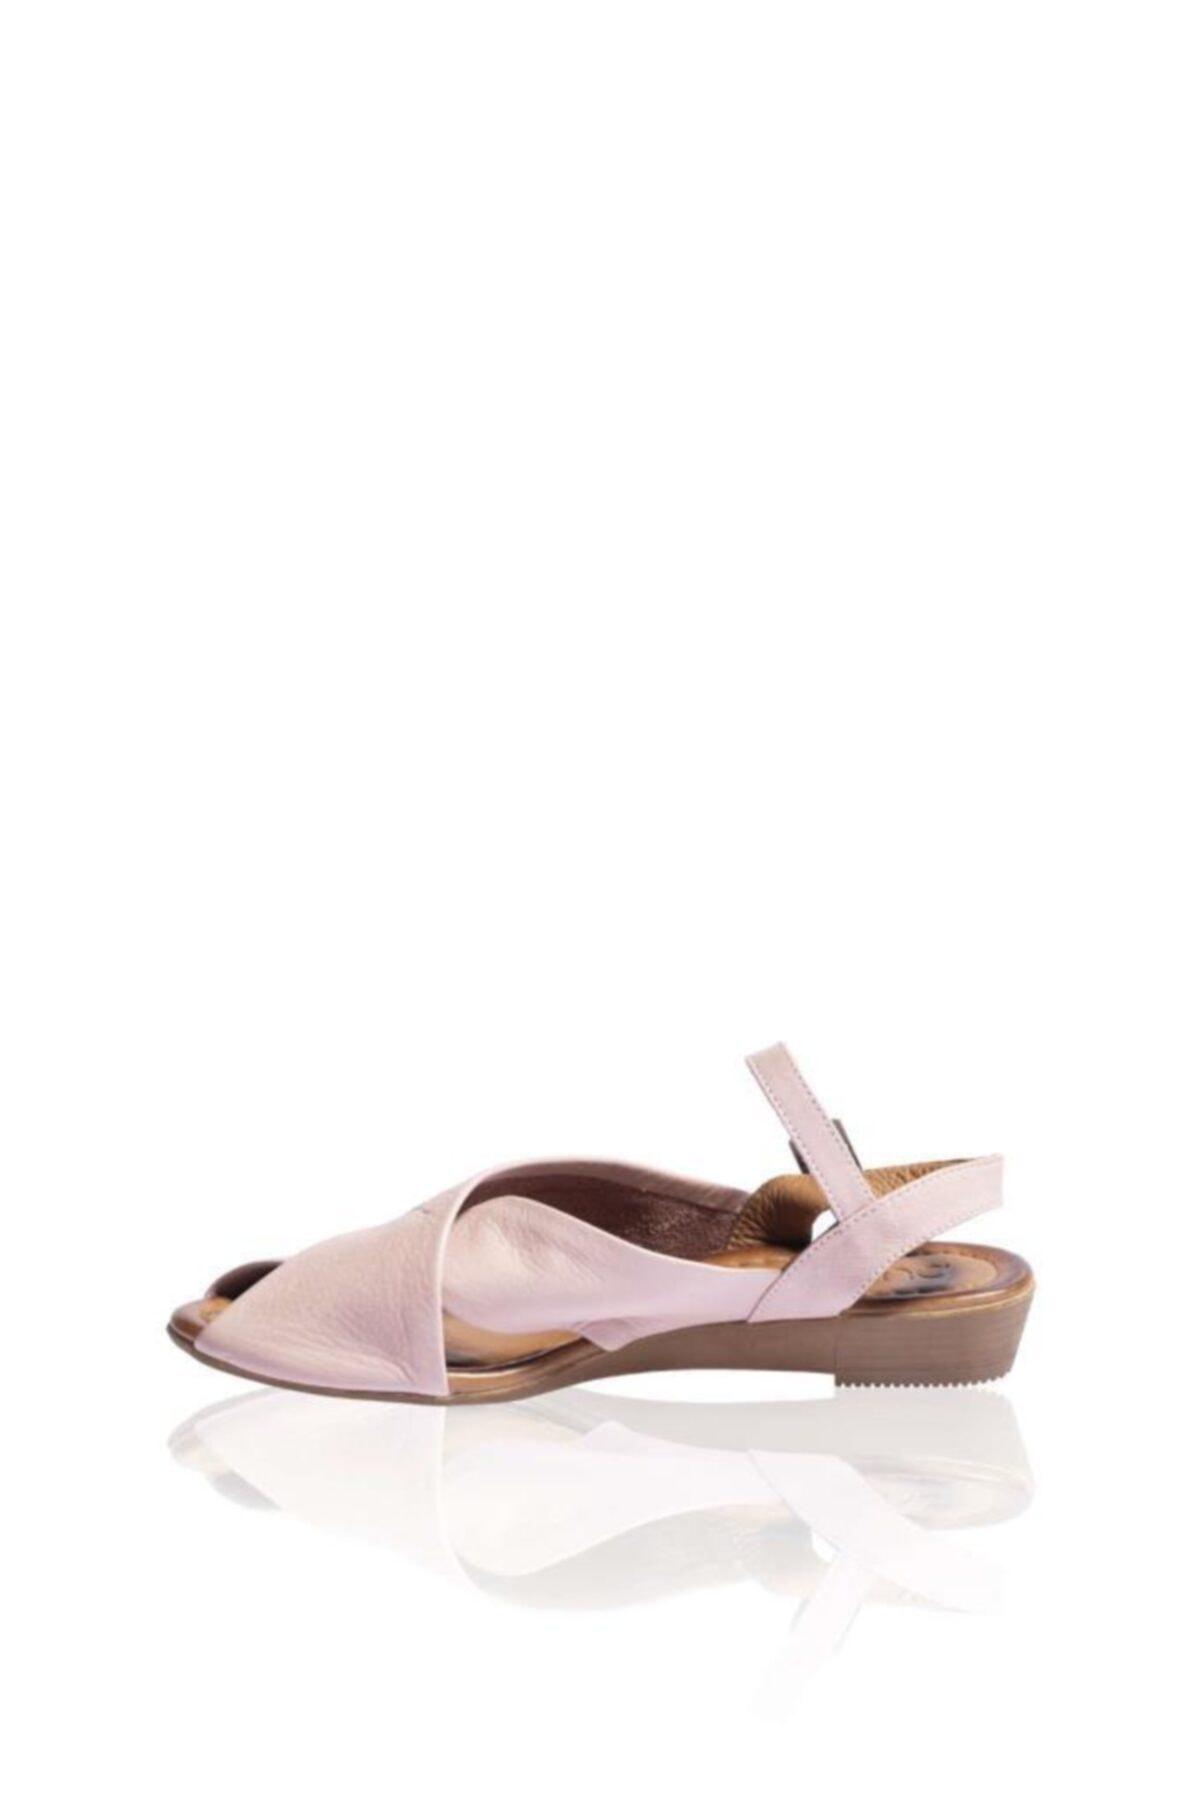 BUENO Shoes Kadın Gül Kurusu Kemerli Hakiki Deri Düz Sandalet 9n7211 1